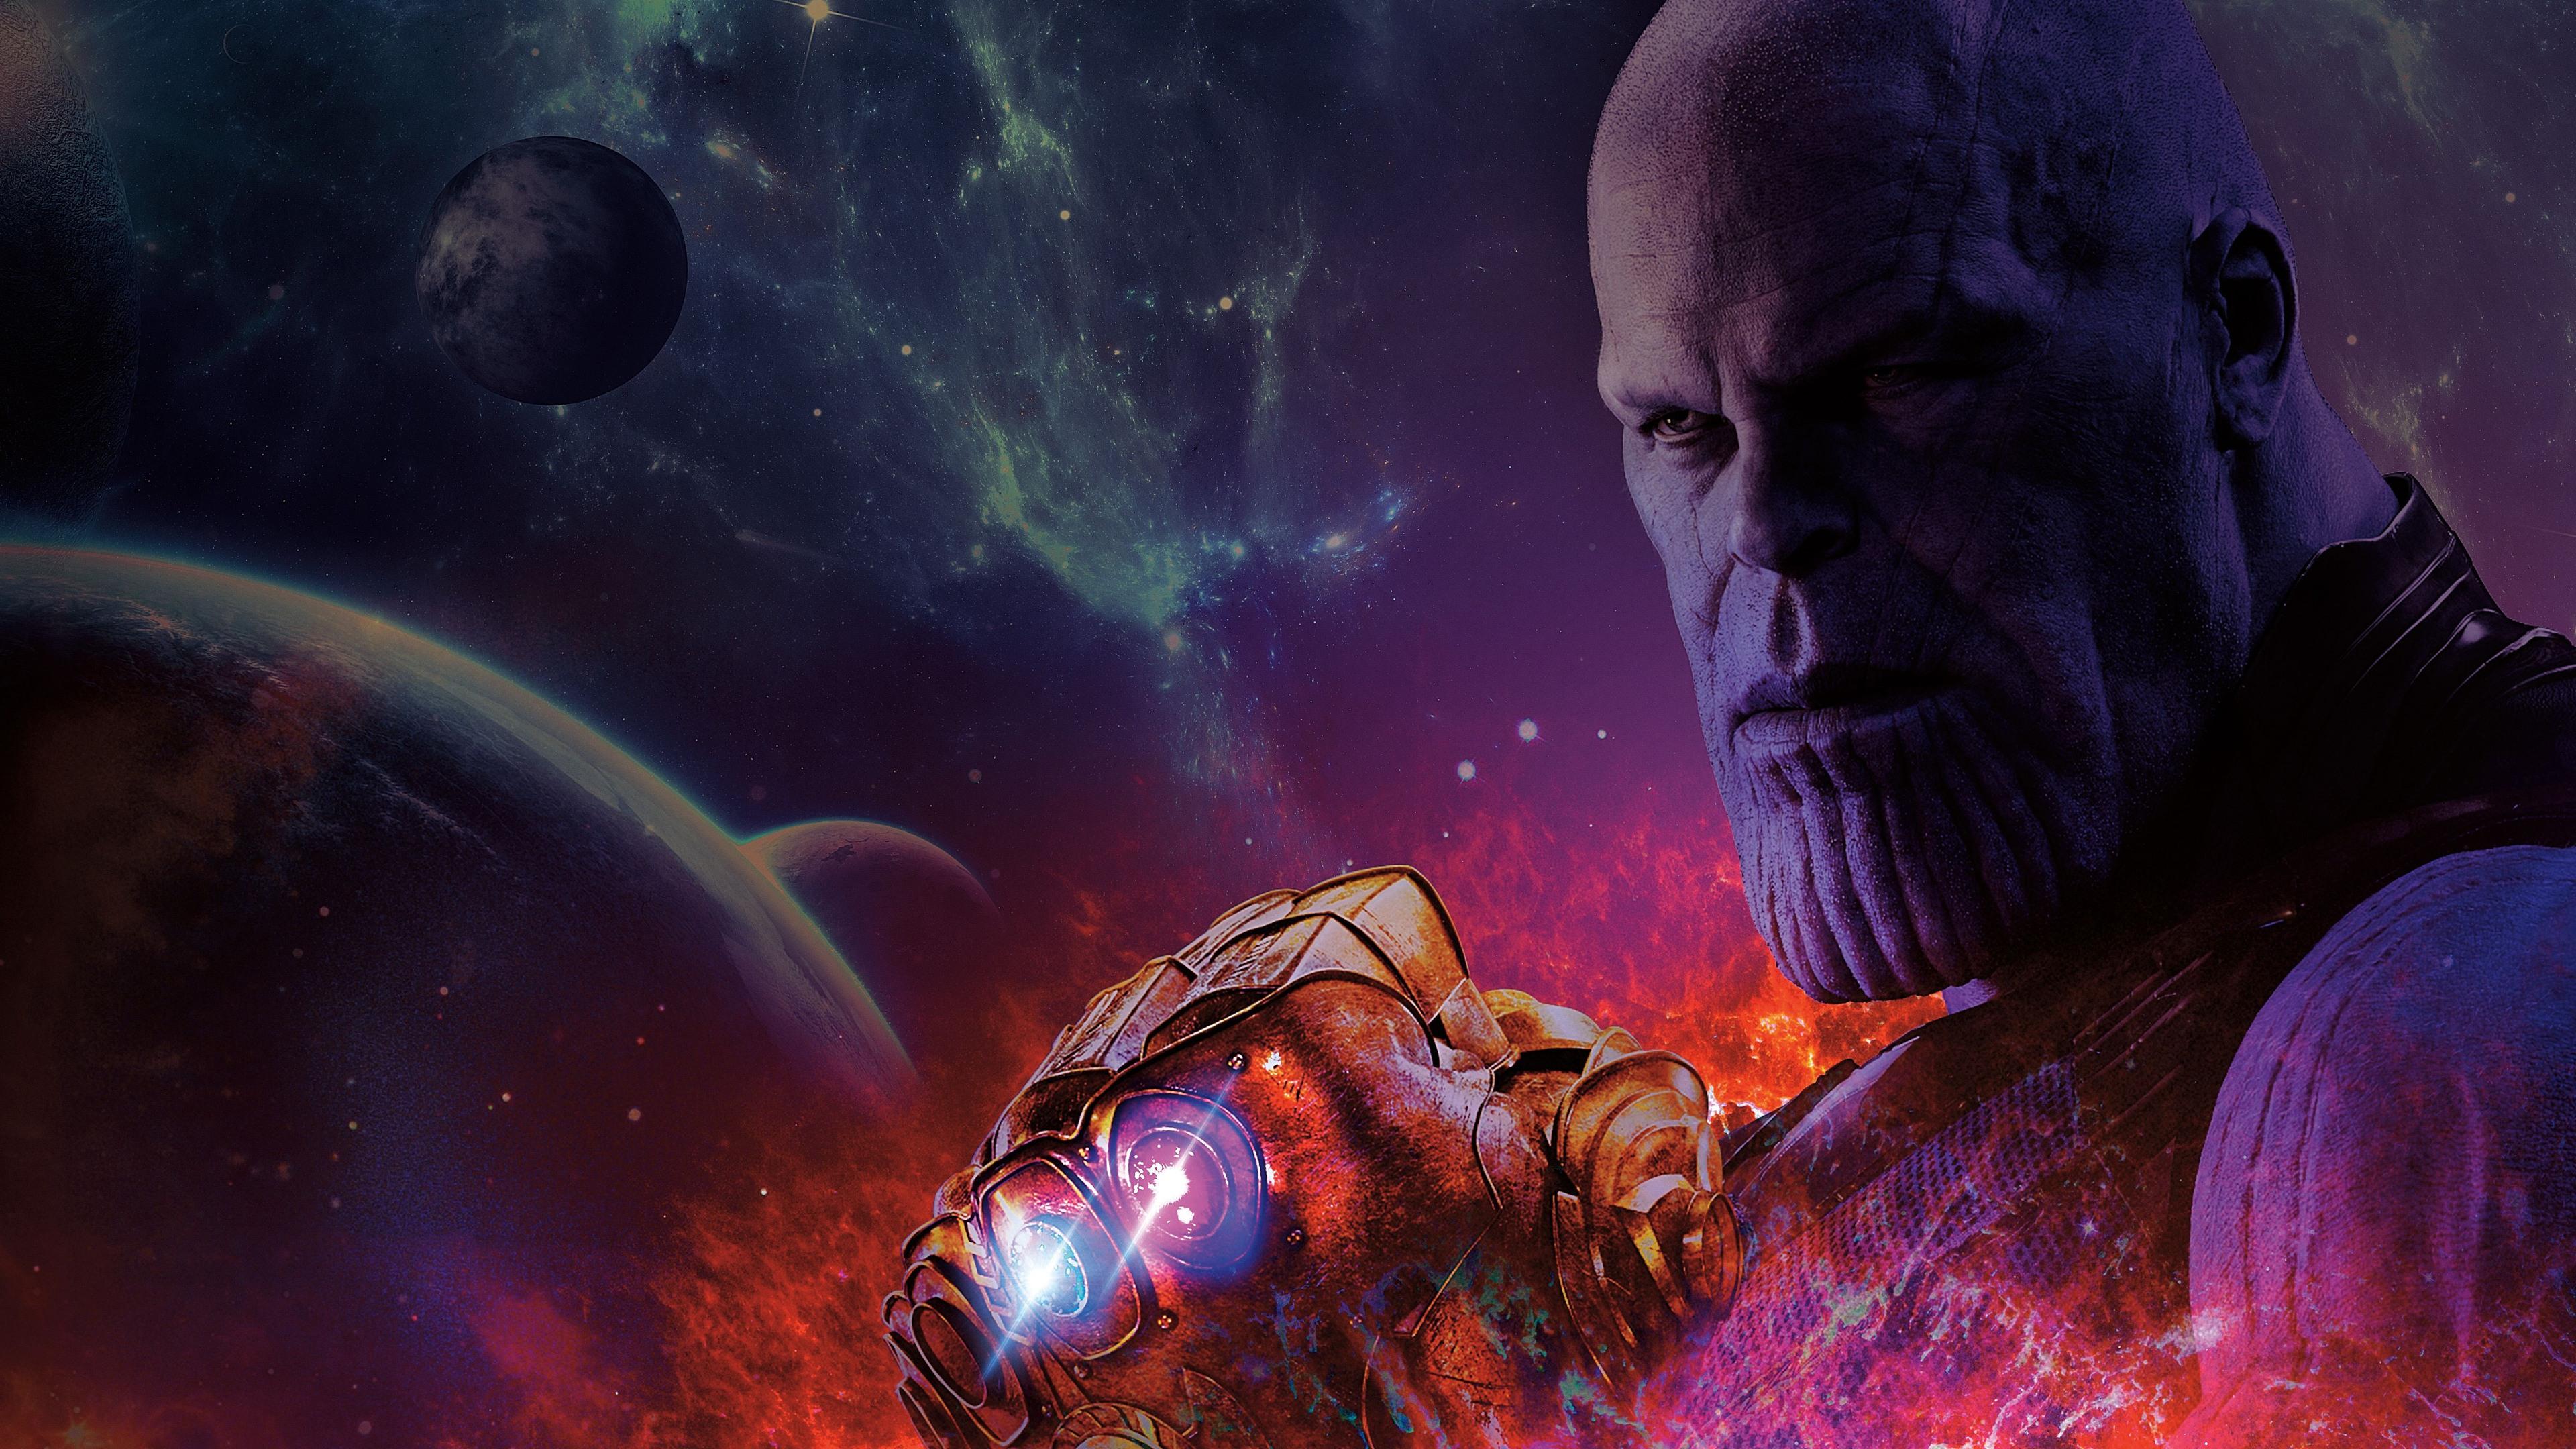 Wallpaper Thanos Avengers Infinity War Artwork Hd: 3840x2160 Avengers Infinity War Thanos With Gauntlet